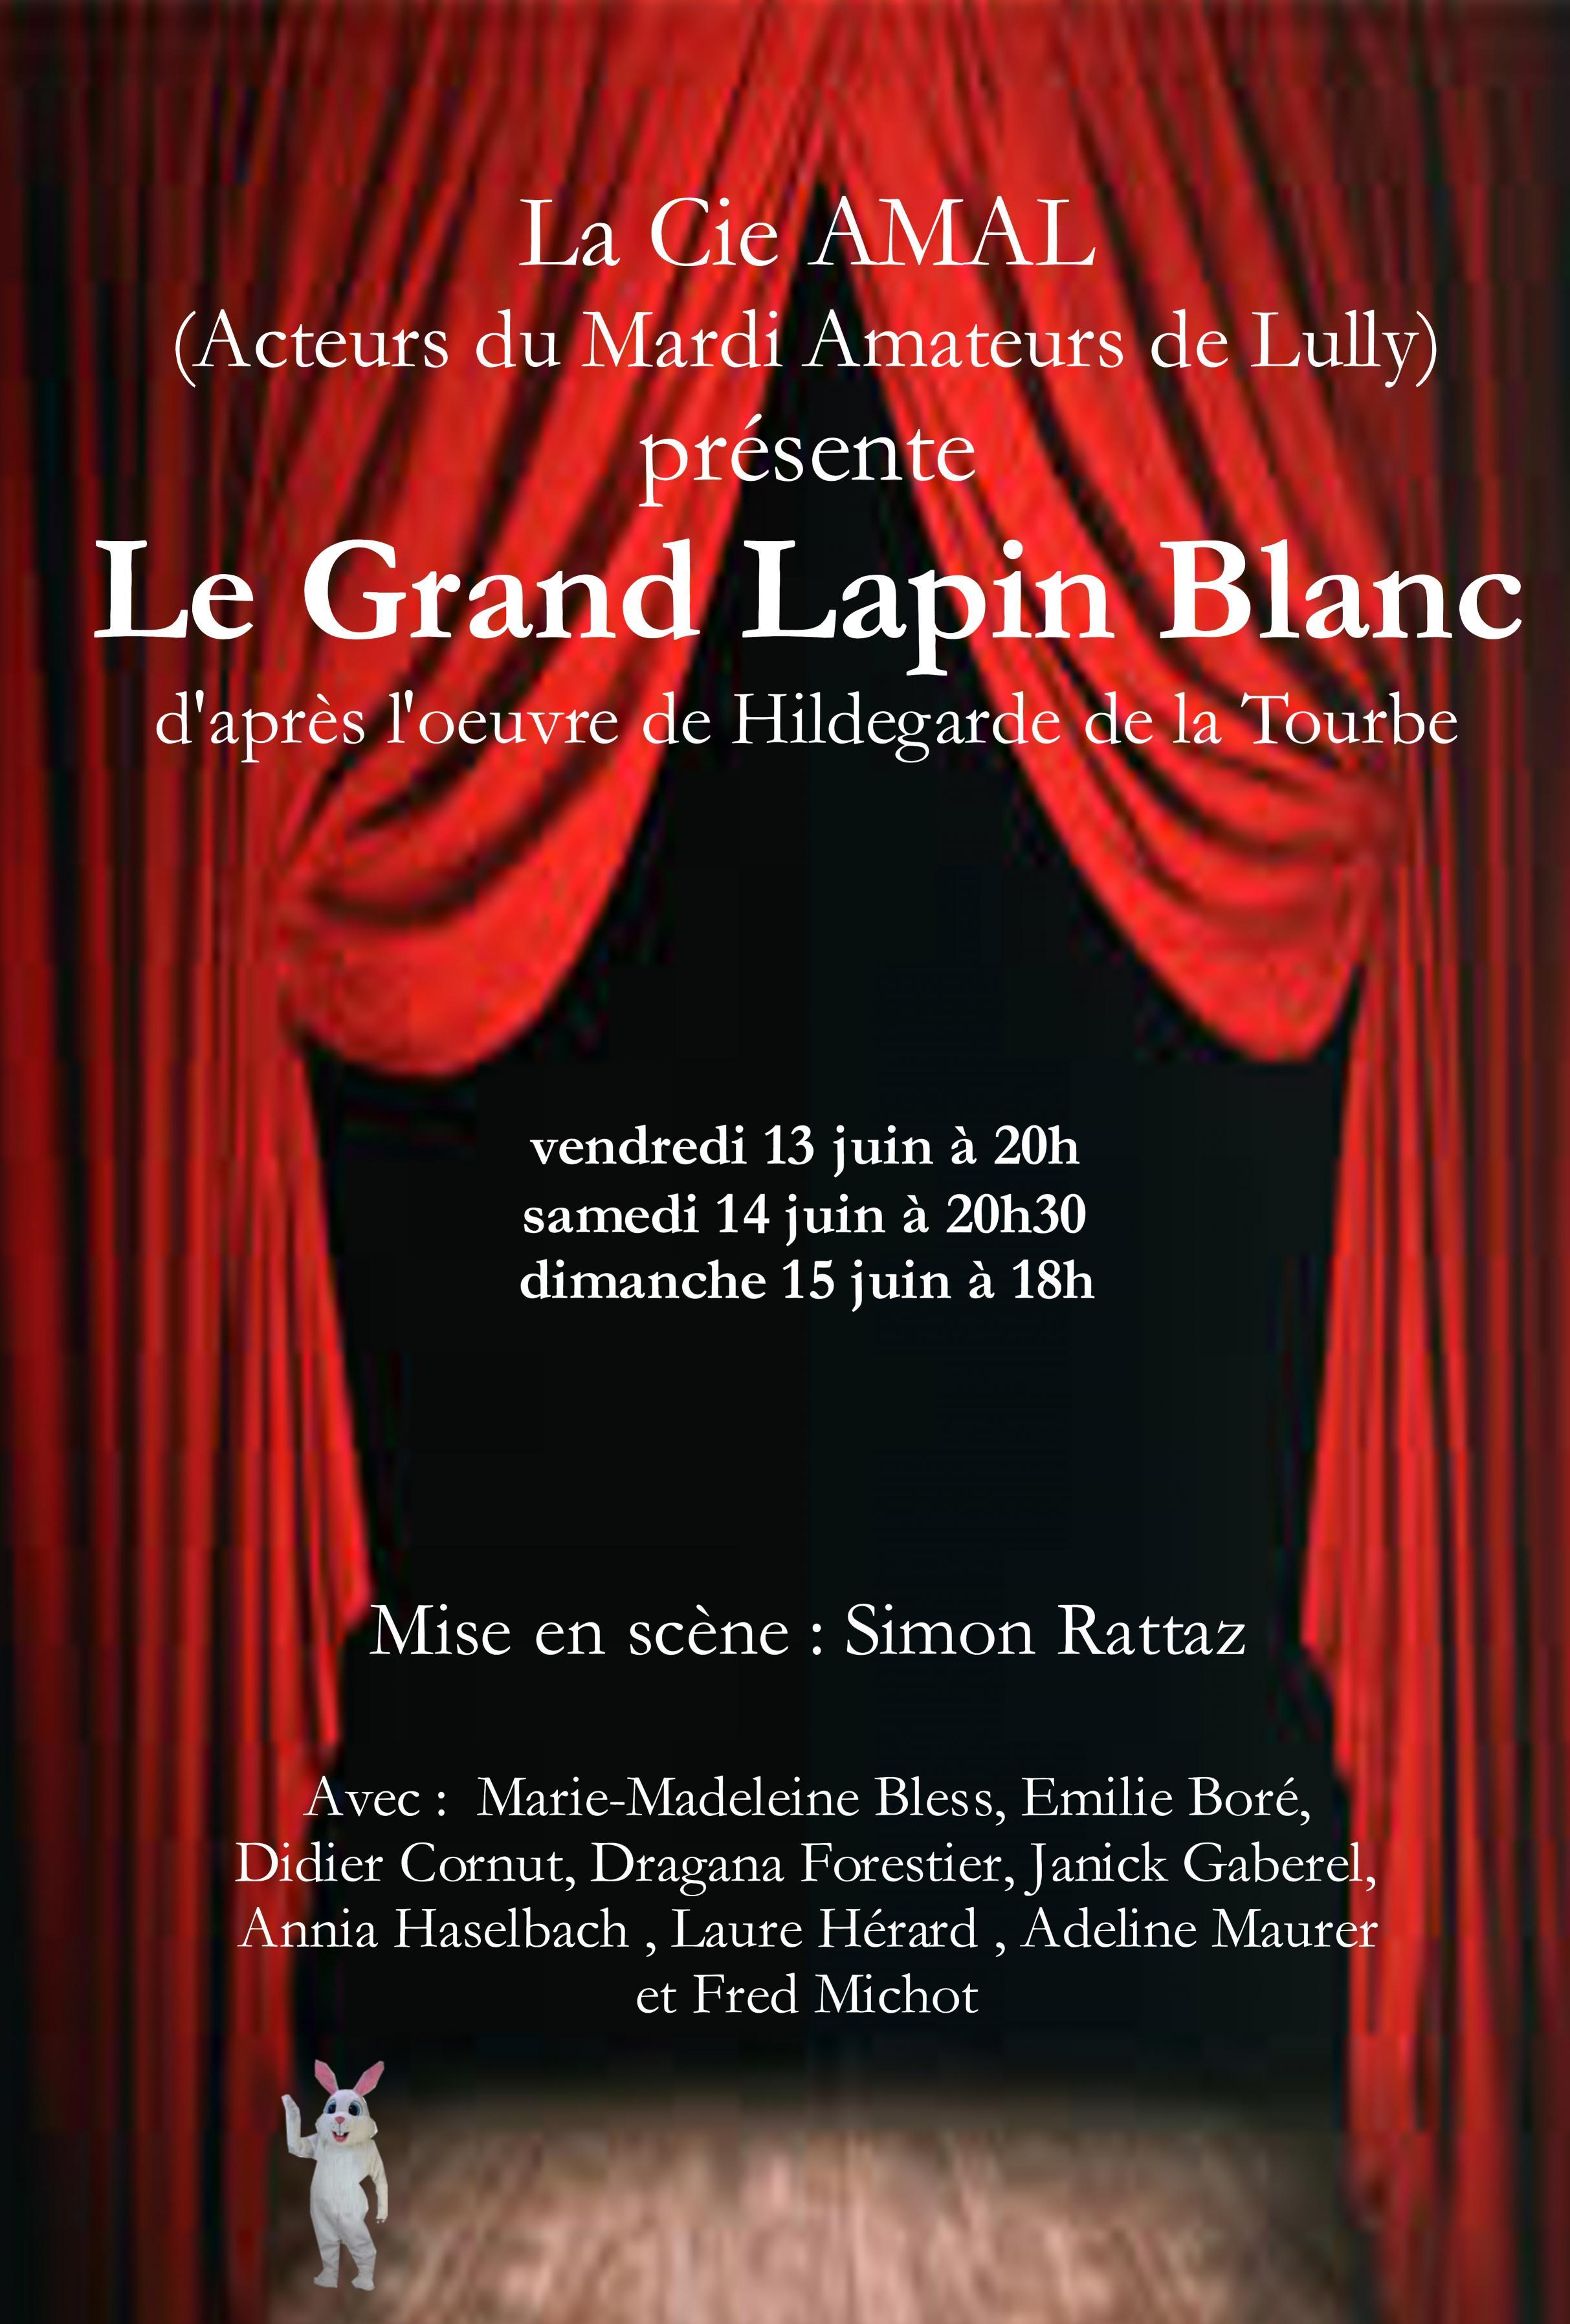 Le Grand Lapin Blanc - juin 2014